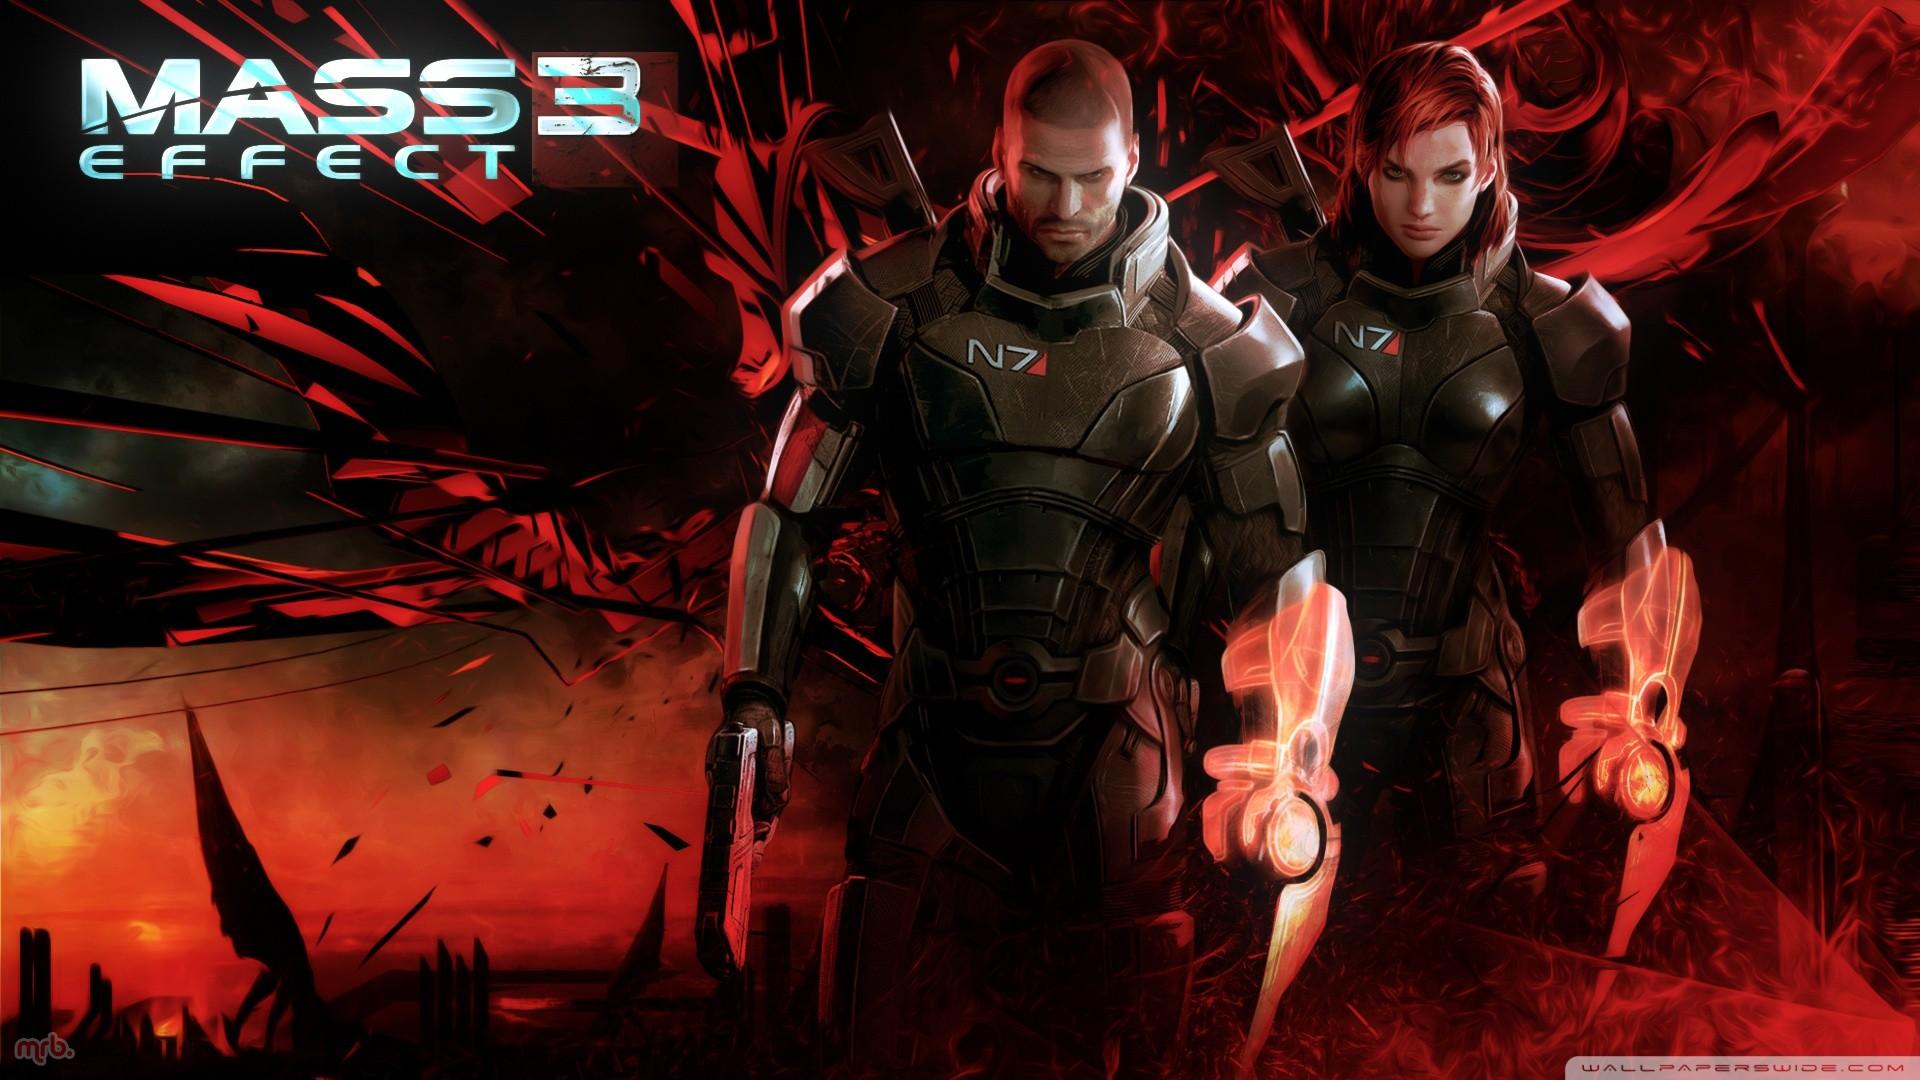 Mass Effect Desktop Backgrounds Wallpaper